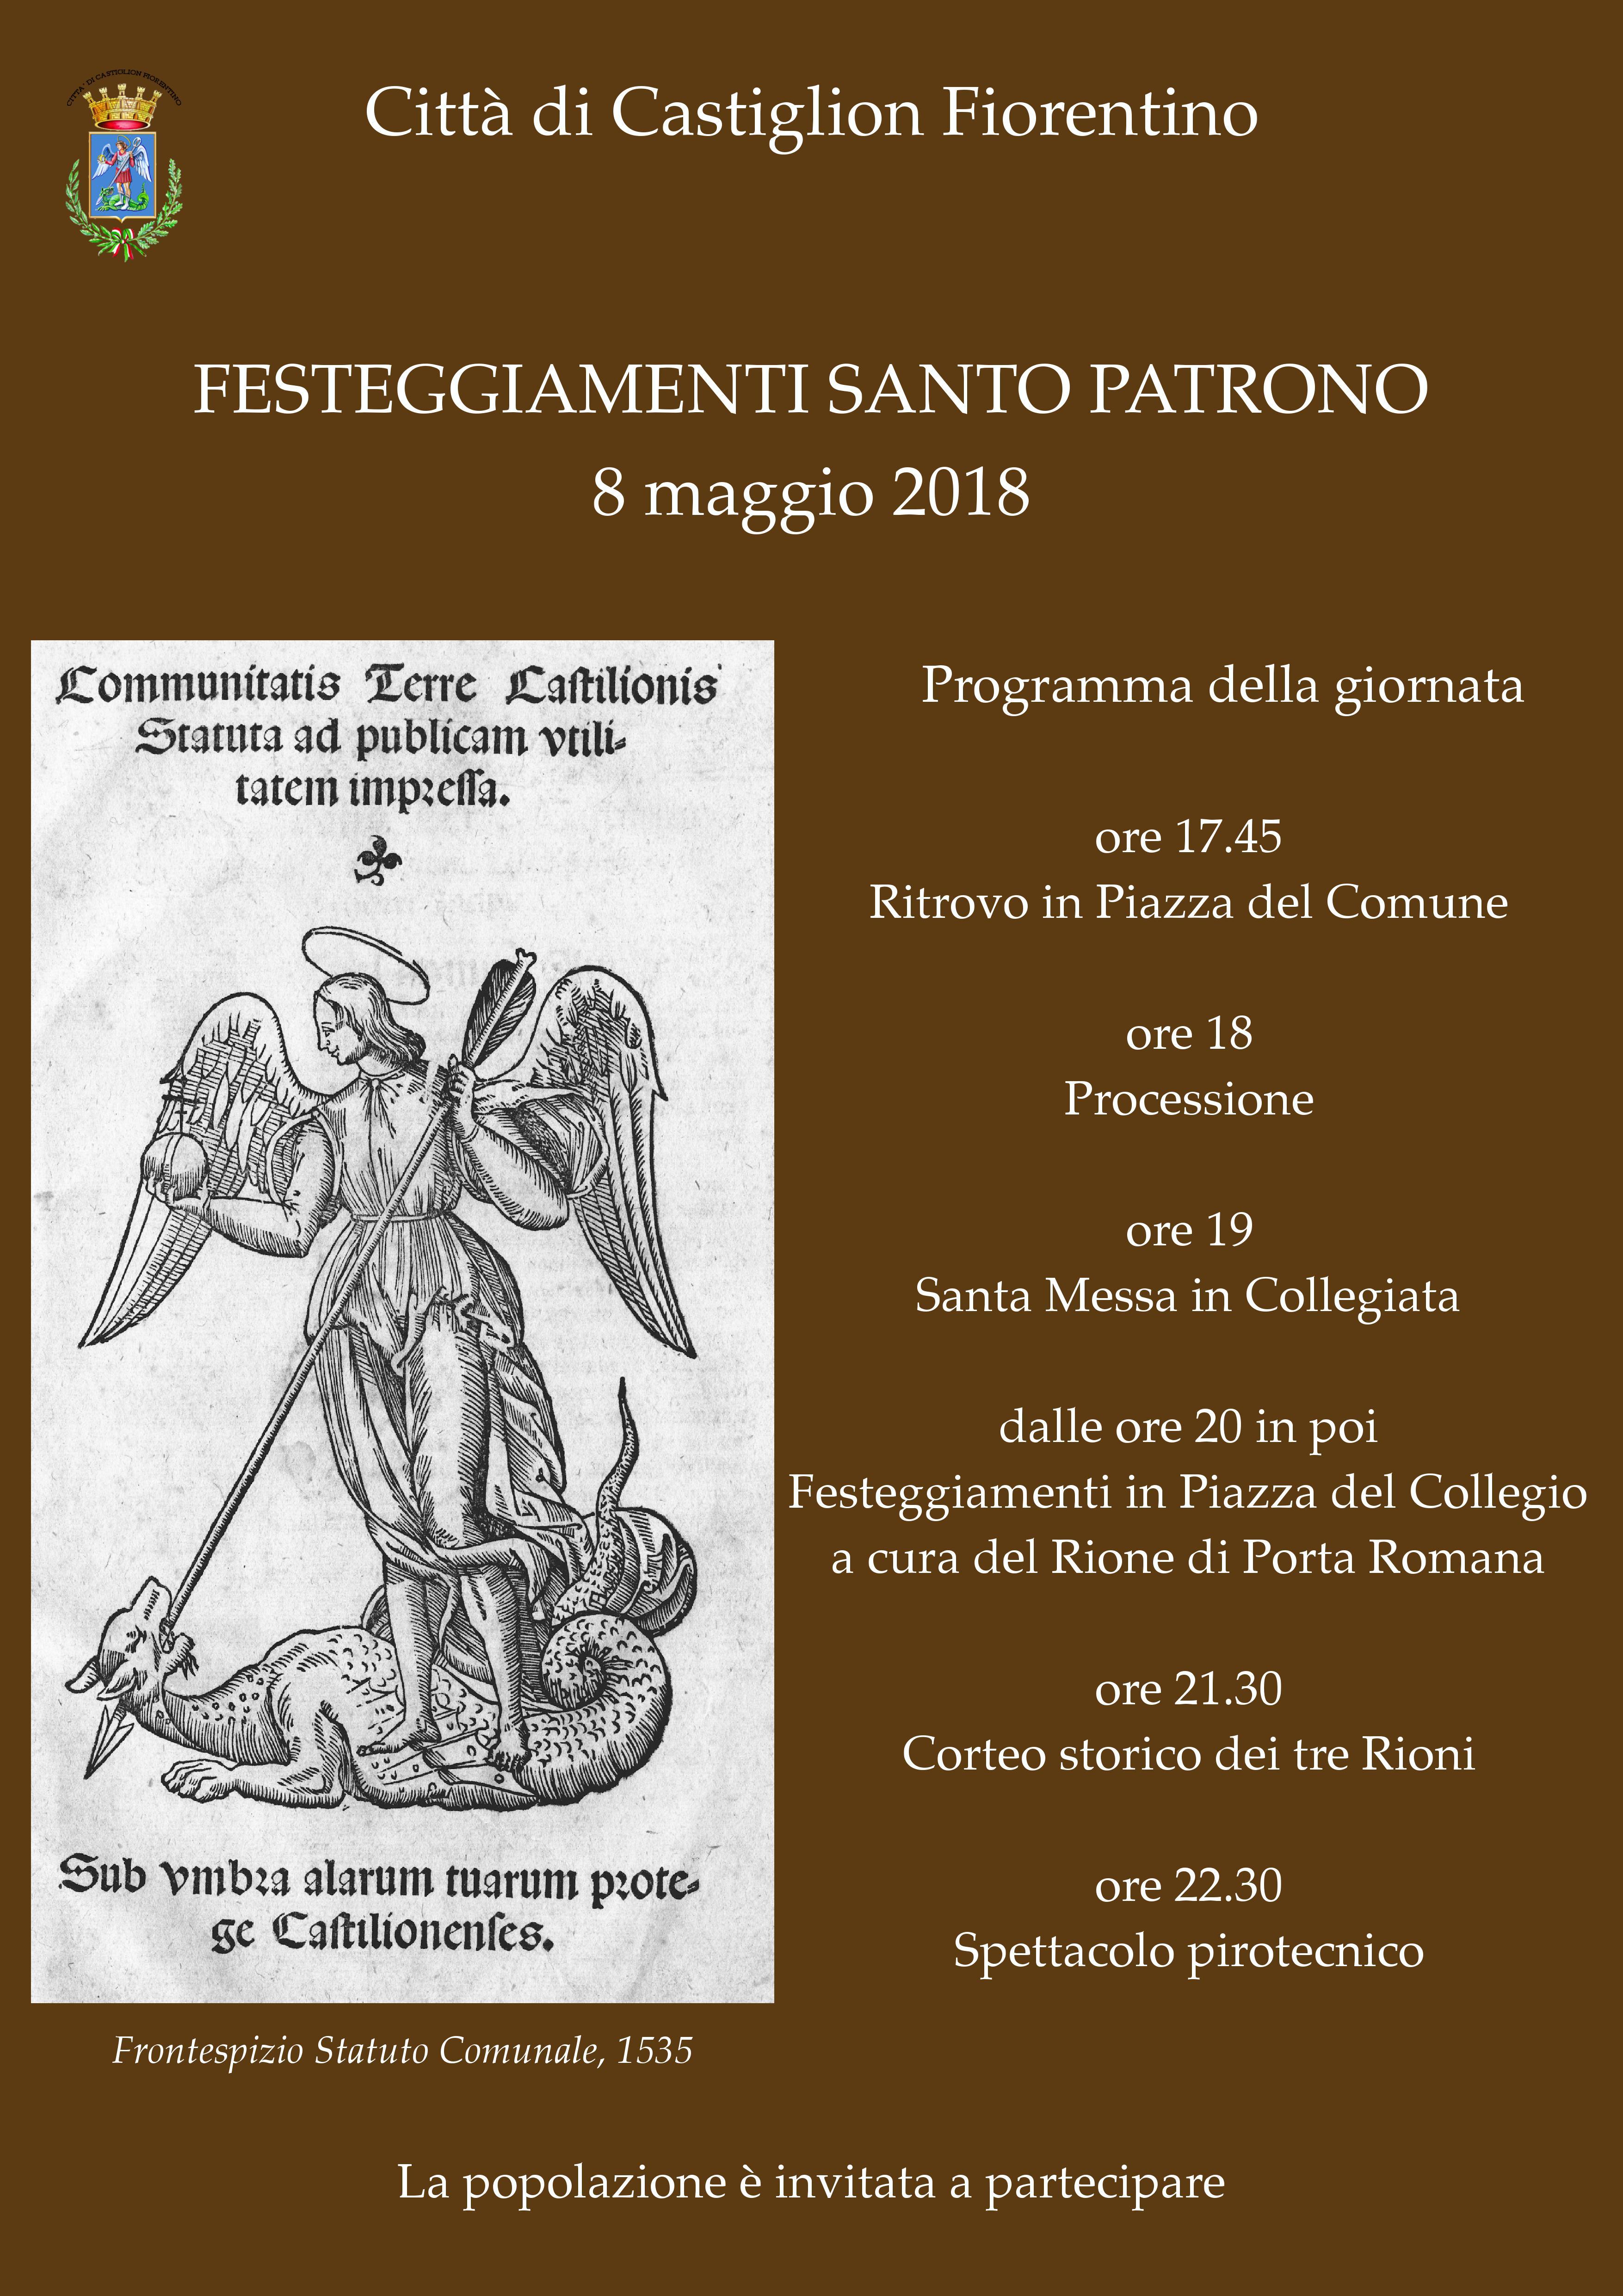 Il Parco dei Pini intitolato a Girolamo Presentini, l'8 Maggio la cerimonia